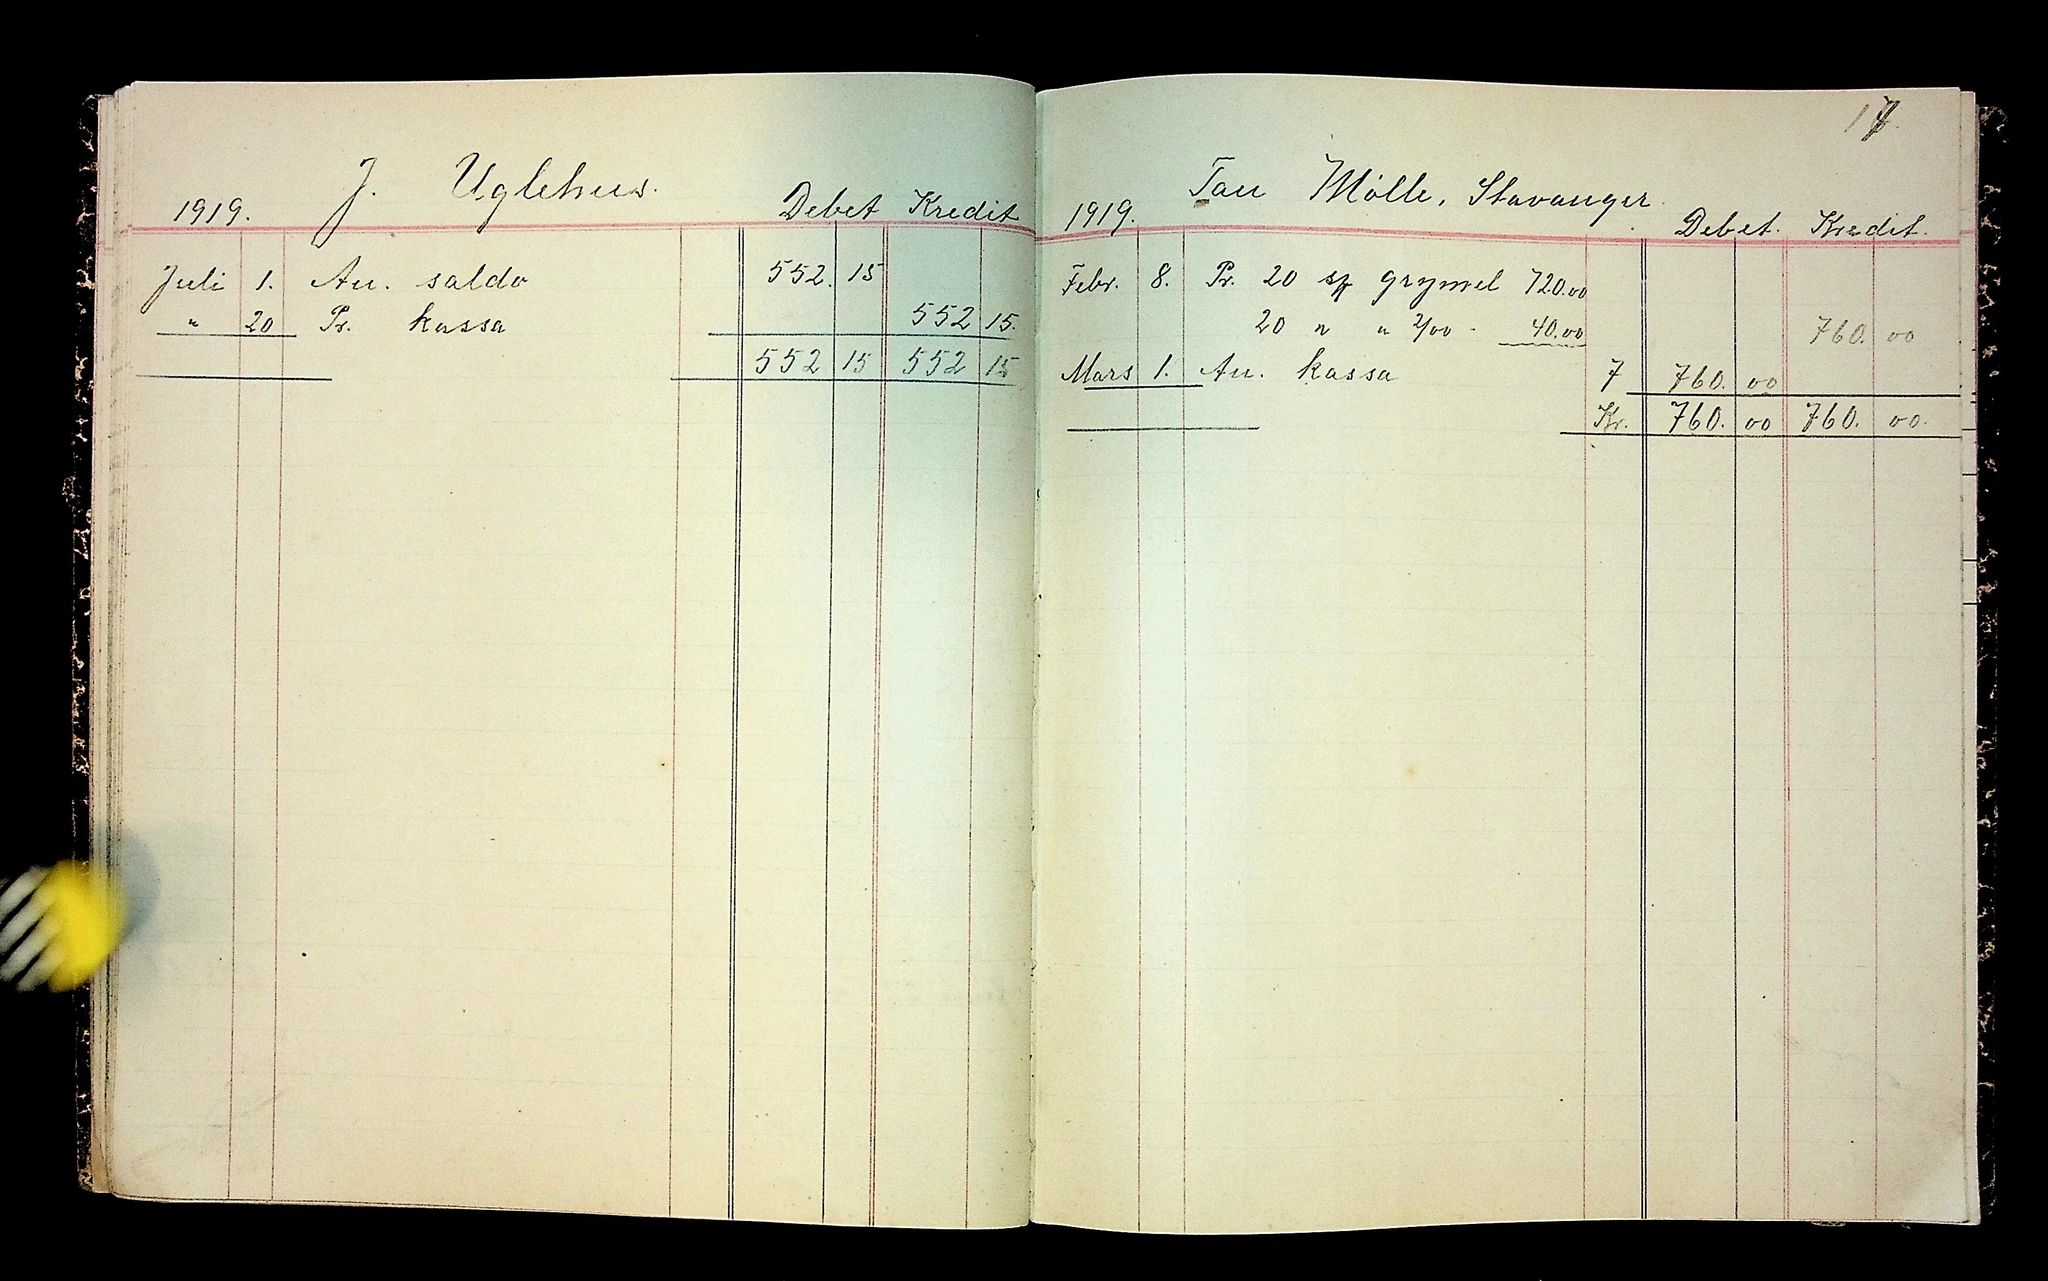 IKAH, Varaldsøy kommune. Mundheim provianteringsråd, R/Ra/L0002: Kontobok  for Mundheim provianteringsråd, 1919-1920, s. 18